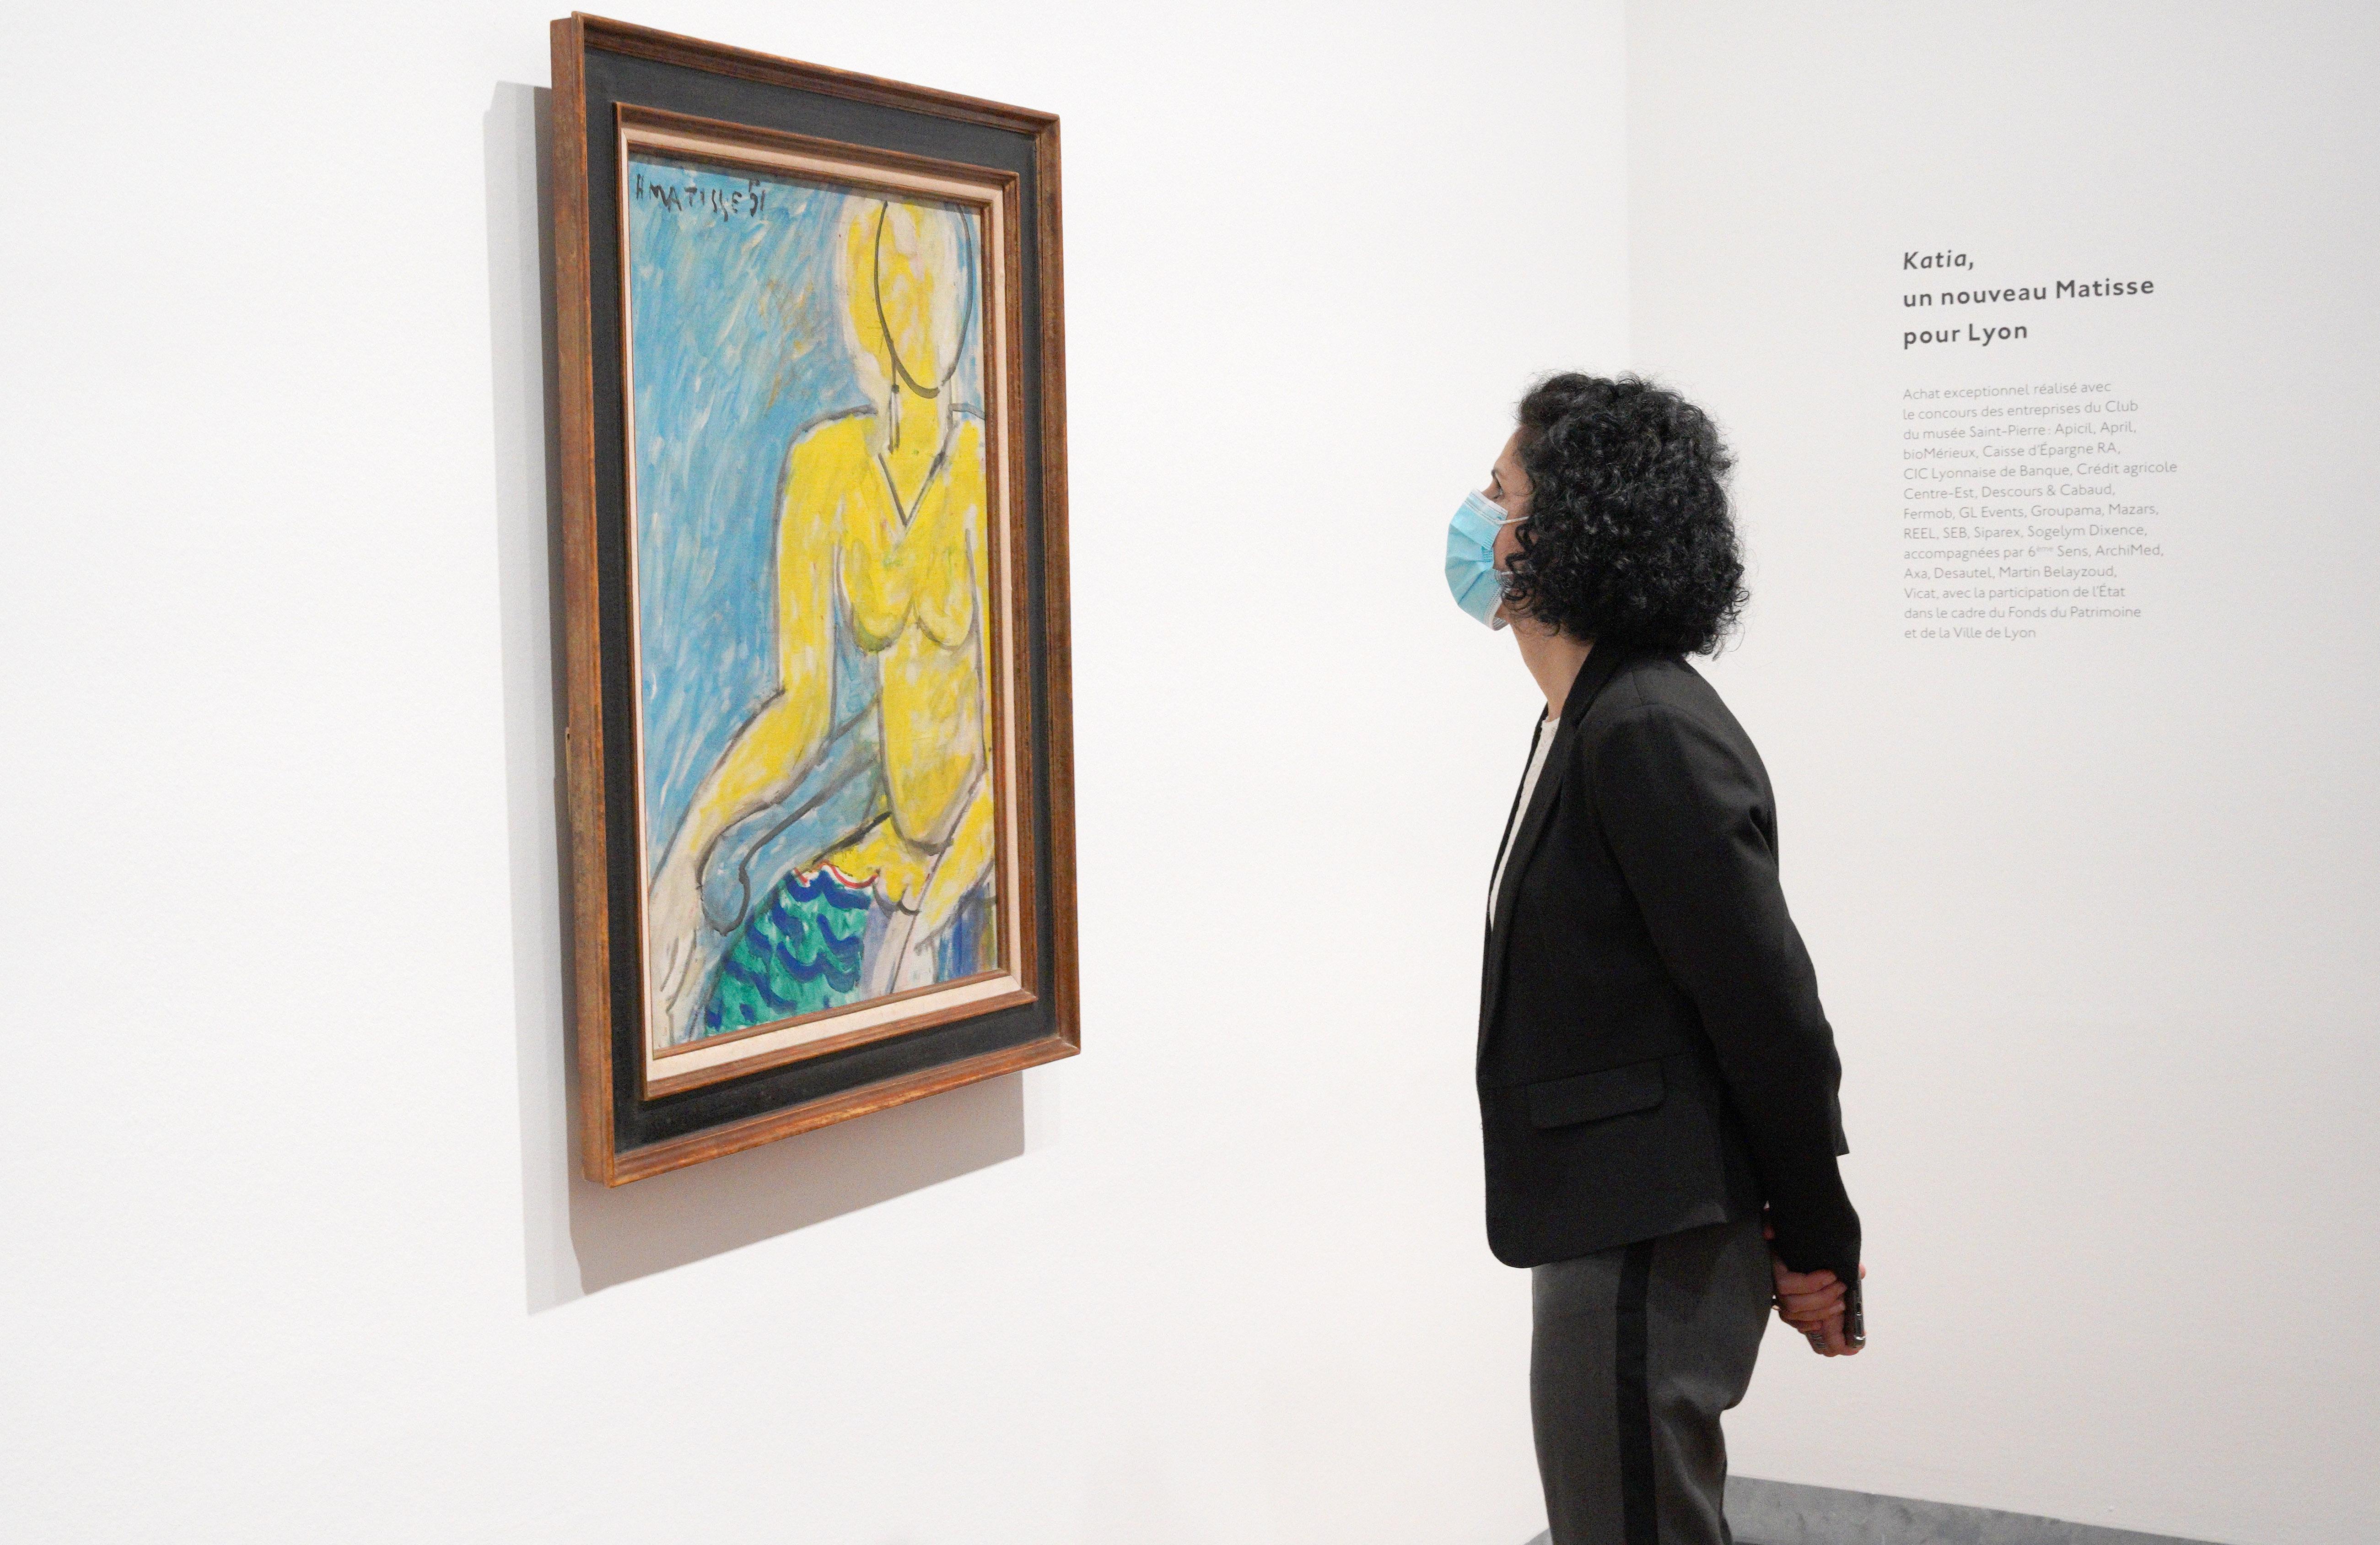 Katia à la chemise jaune, Henri Matisse, 1951© Succession H. Matisse, 2021. Image © Lyon MBA - Photo Stéphane Degroisse